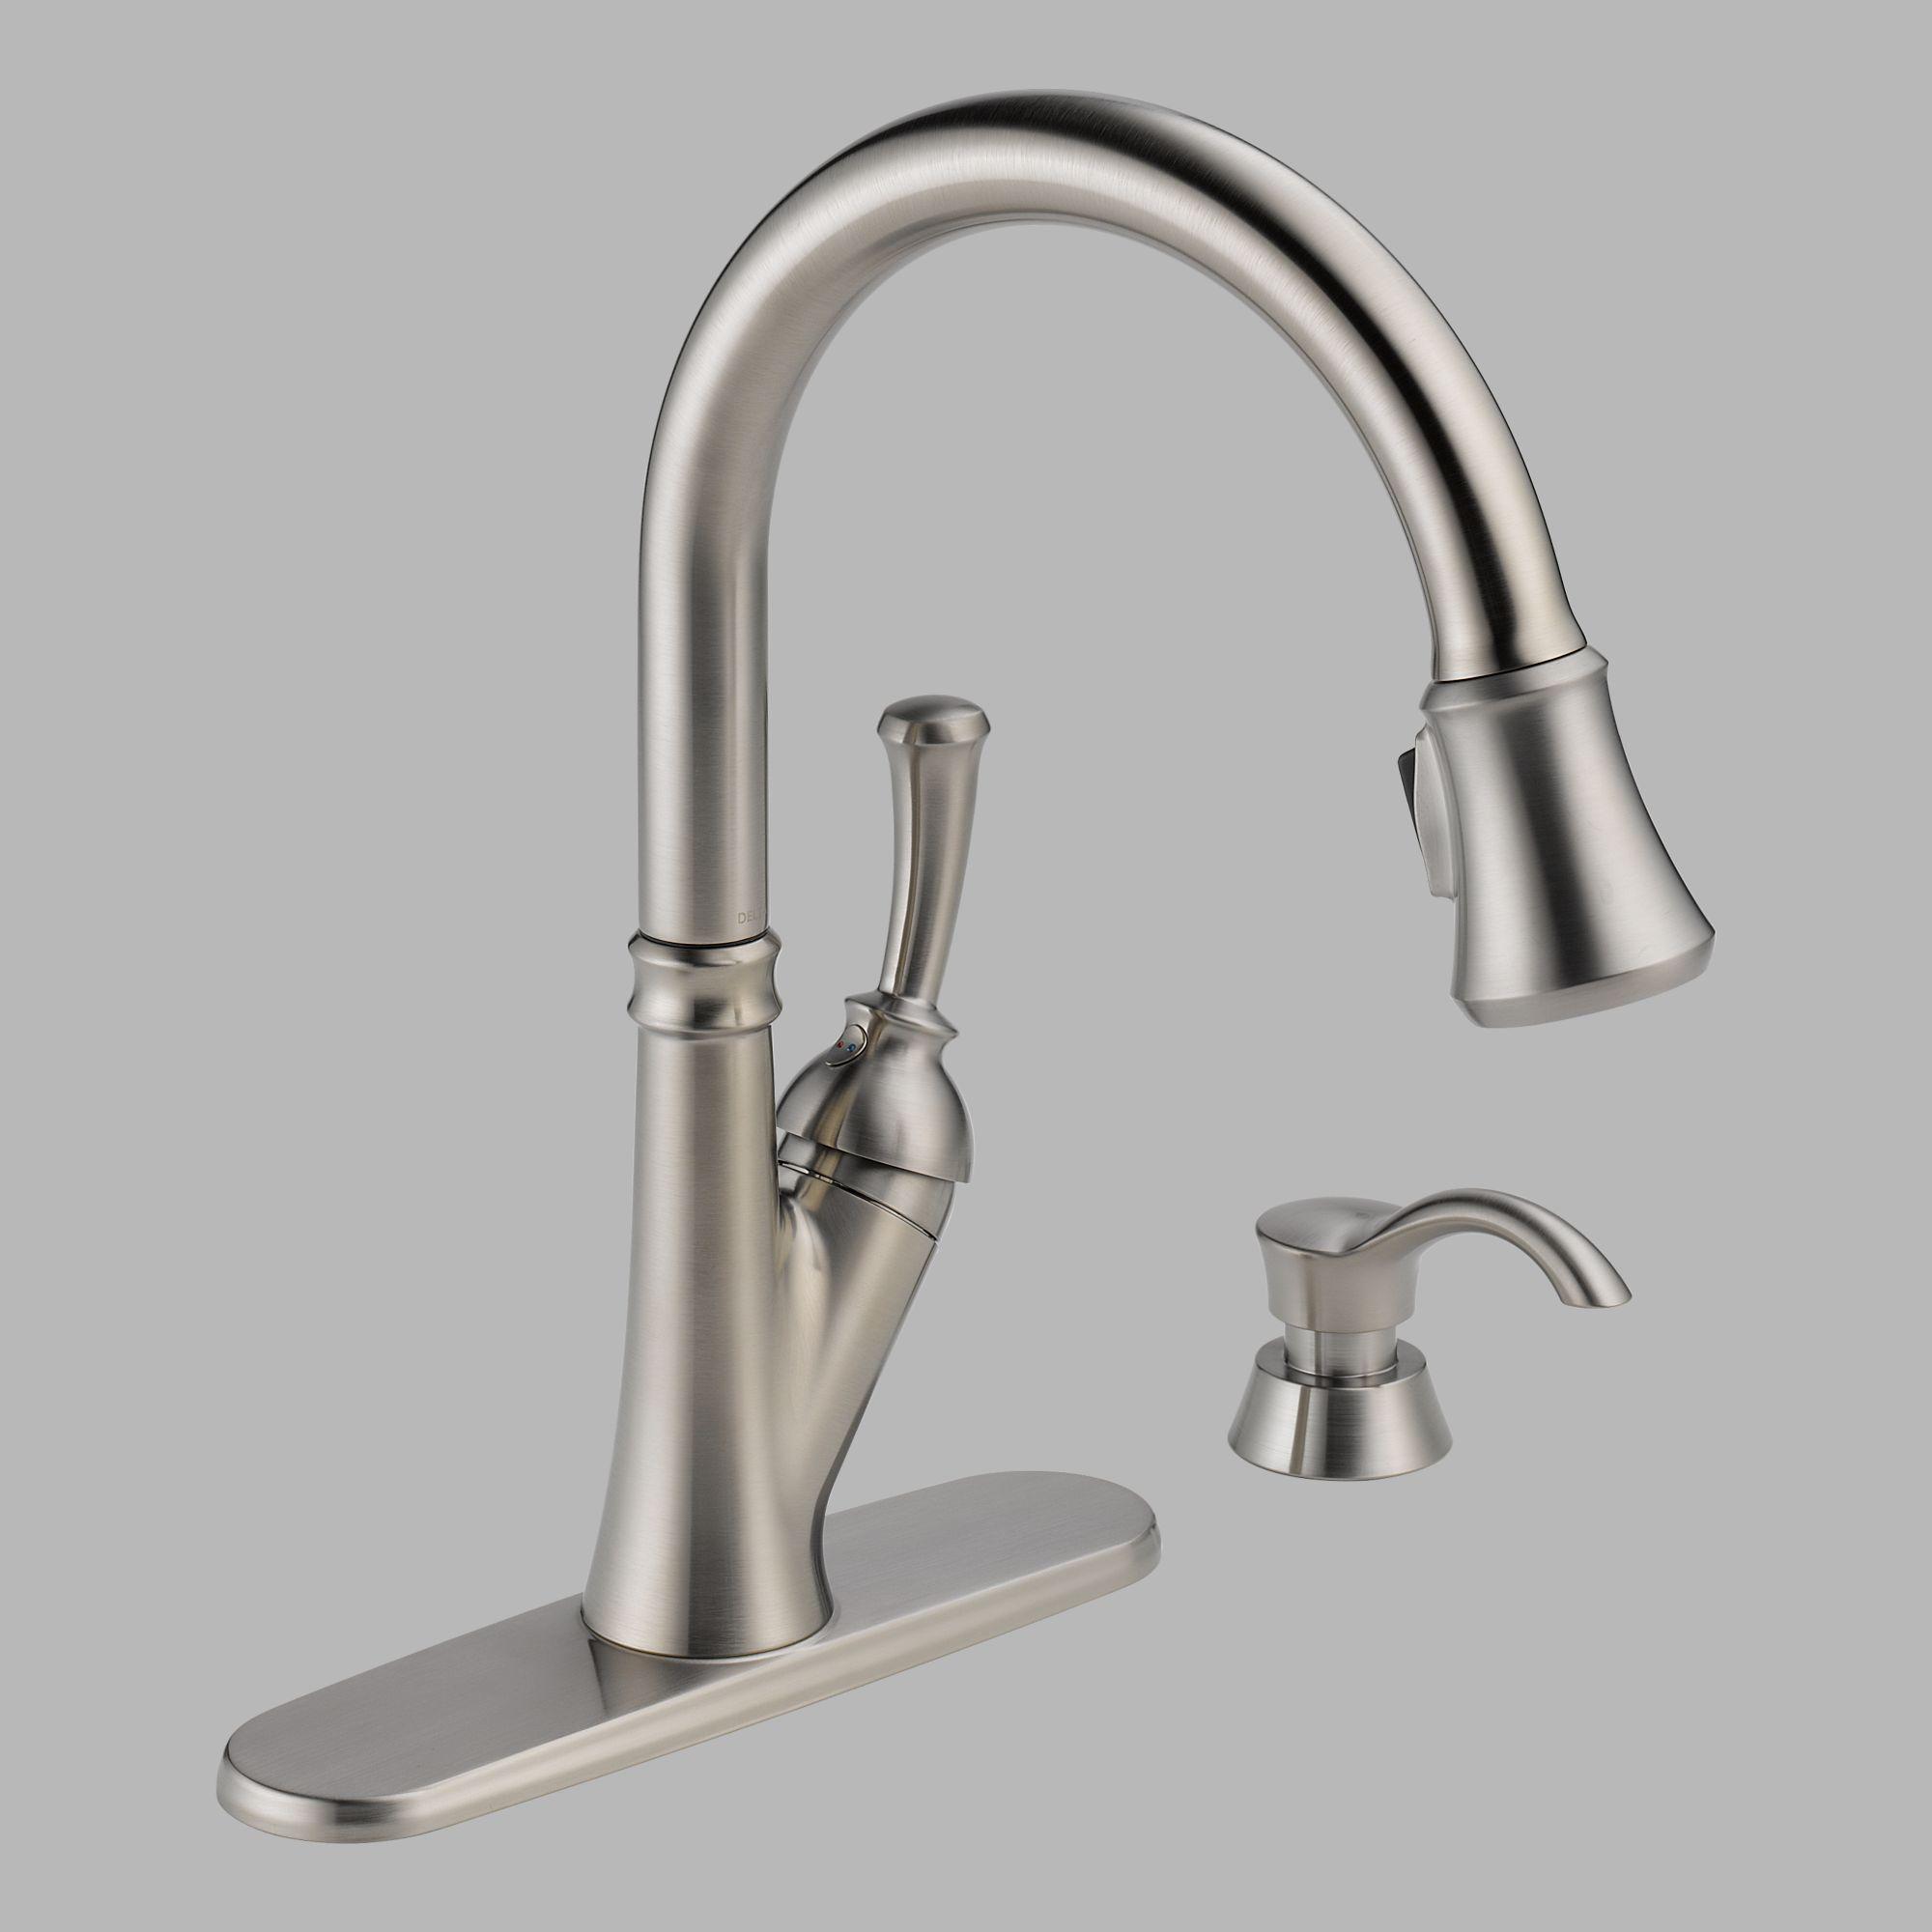 delta savile single handle pull down 31 delta kitchen faucet parts Delta Savile Single Handle Pull Down Kitchen Faucet With Soap Dispenser cheap price